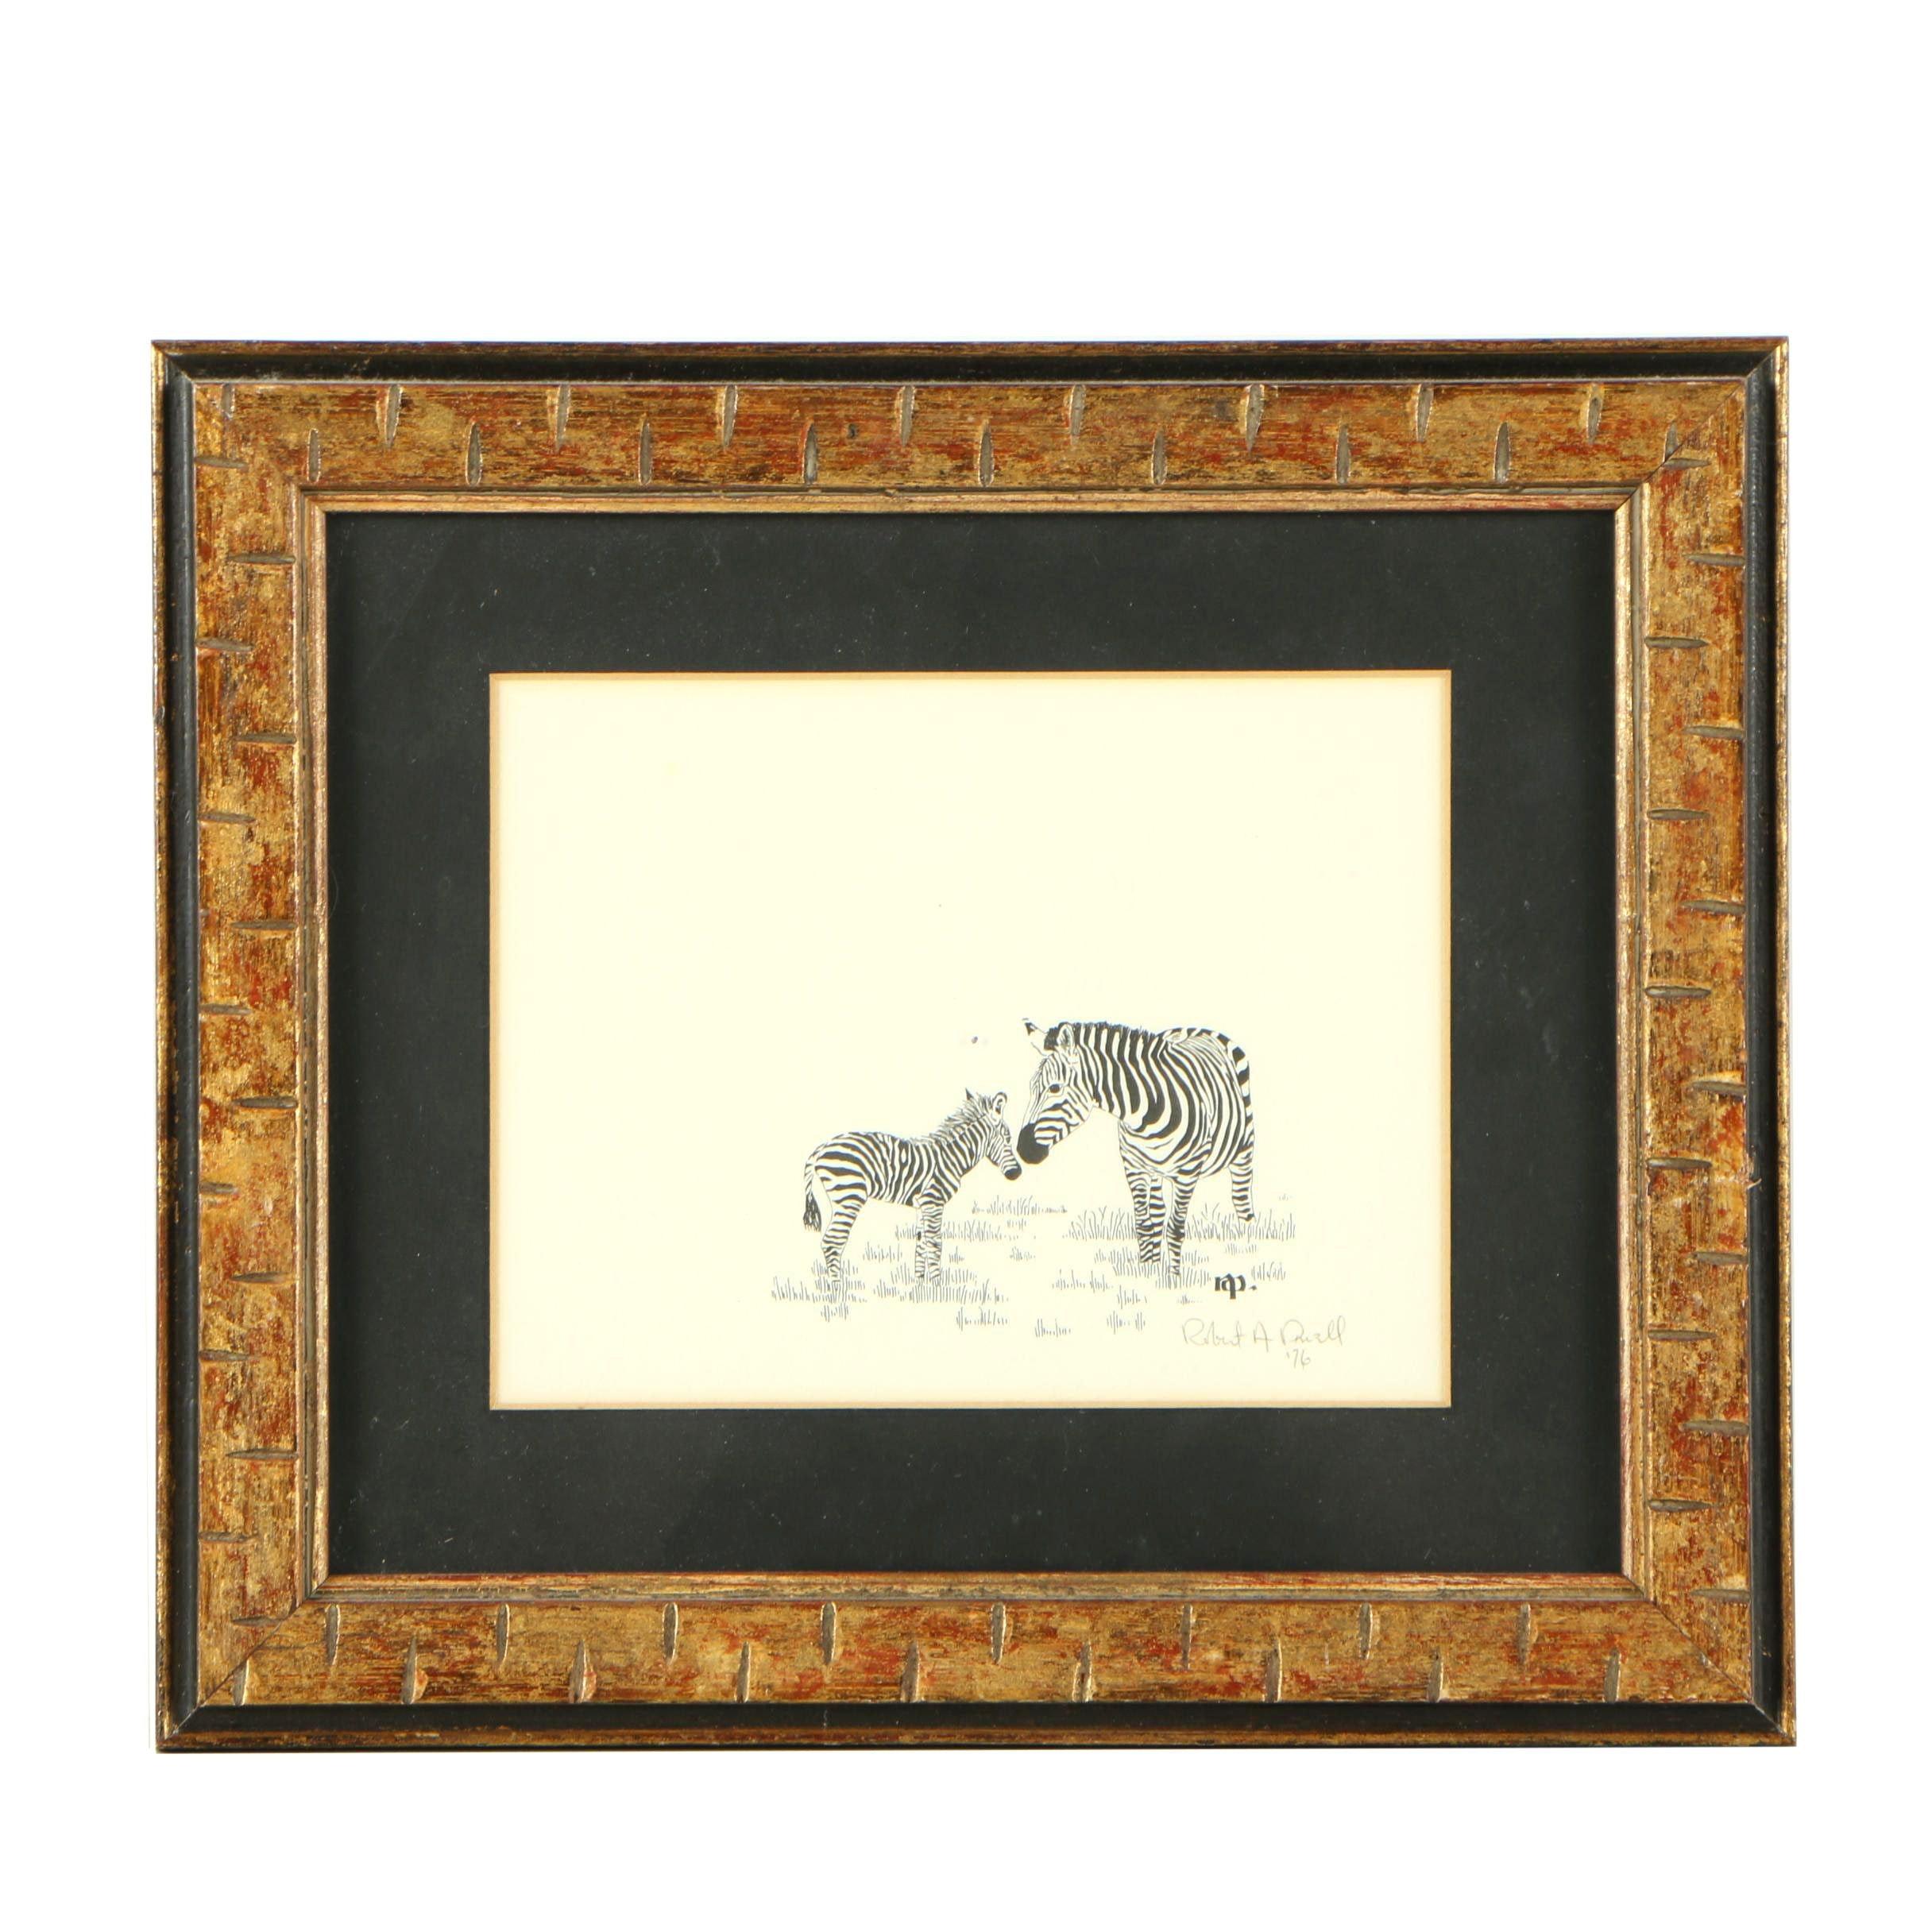 Robert A. Powell Lithograph of Zebra